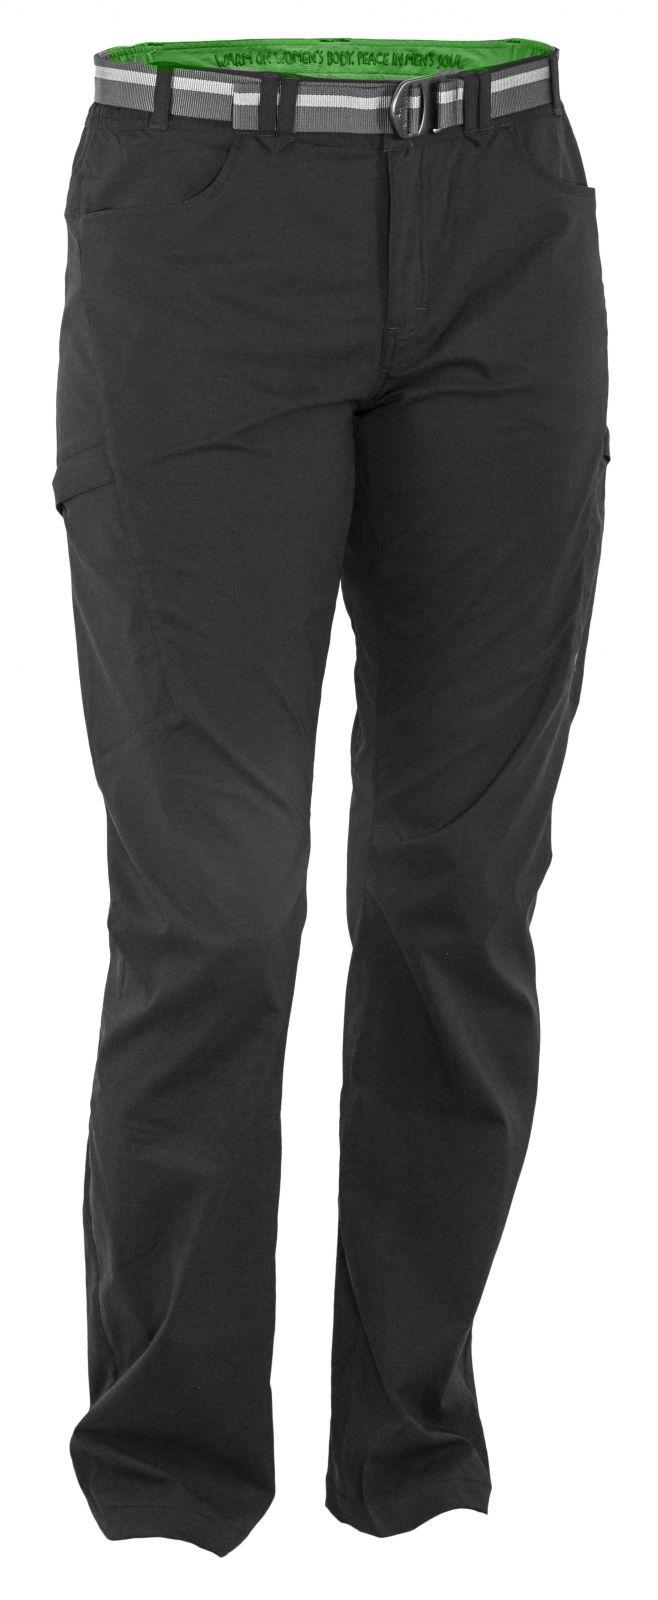 Tazz-Sport - Warmpeace Comet Lady Iron Dámské lehké kalhoty